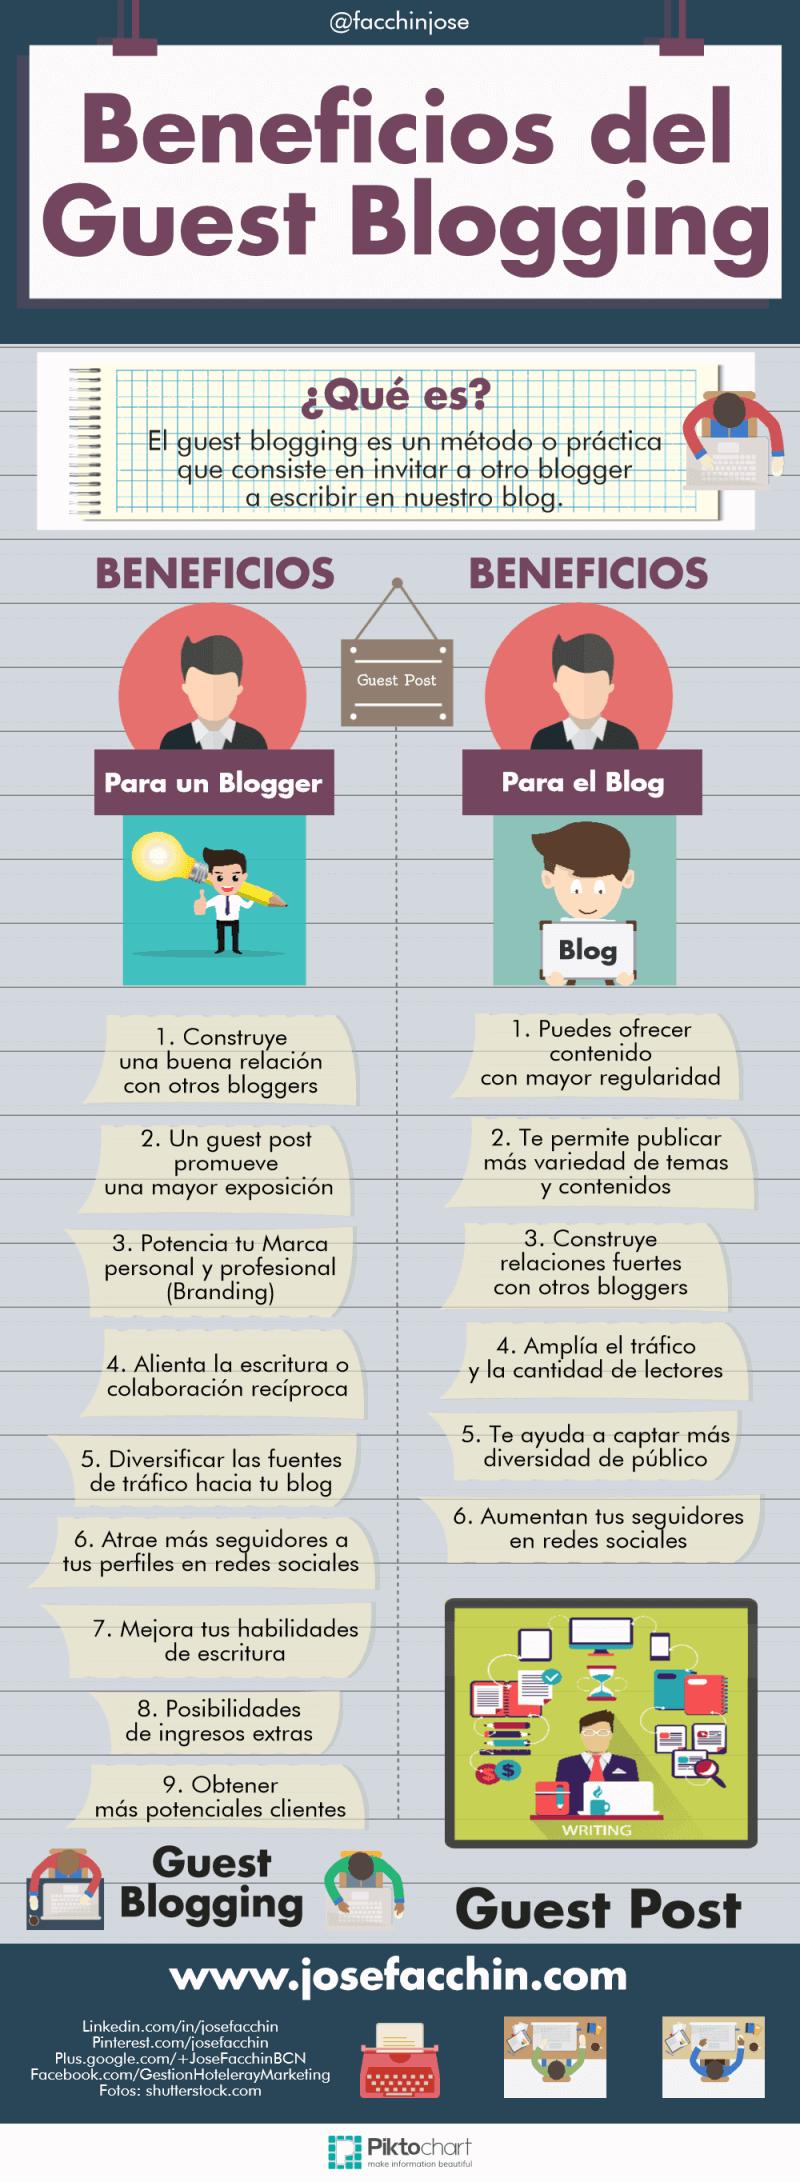 Beneficios del Guest Blogging - Infografía